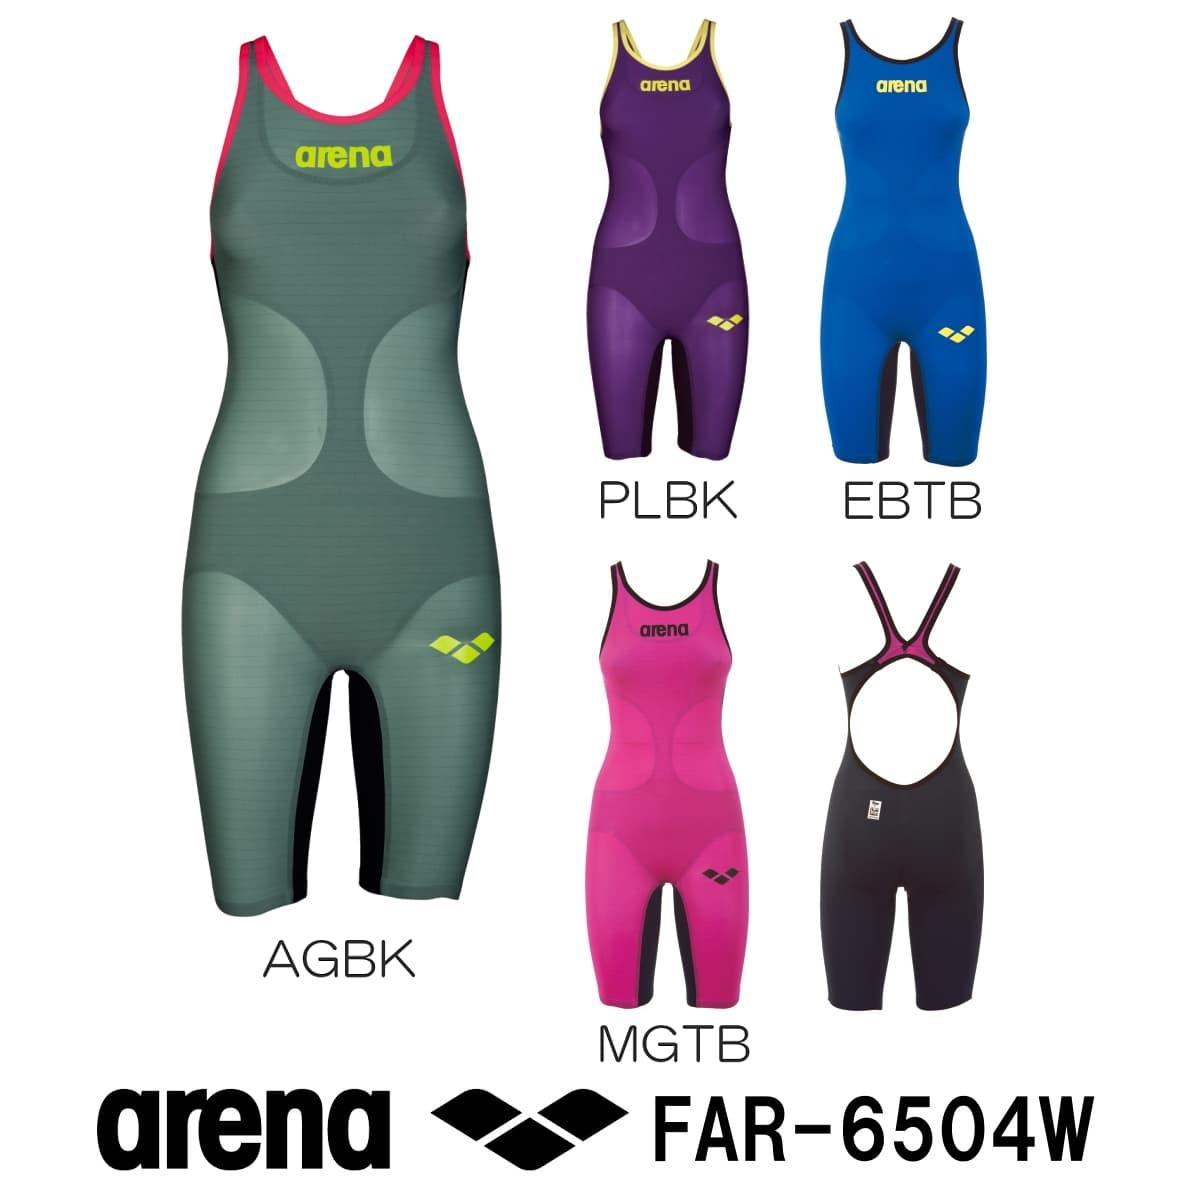 【ポイント10倍/送料無料】アリーナ ARENA 競泳水着 レディース ハーフスパッツオープンバック fina承認 POWERSKIN CARBON-AIR(パワースキン カーボン・エア) FAR-6504W